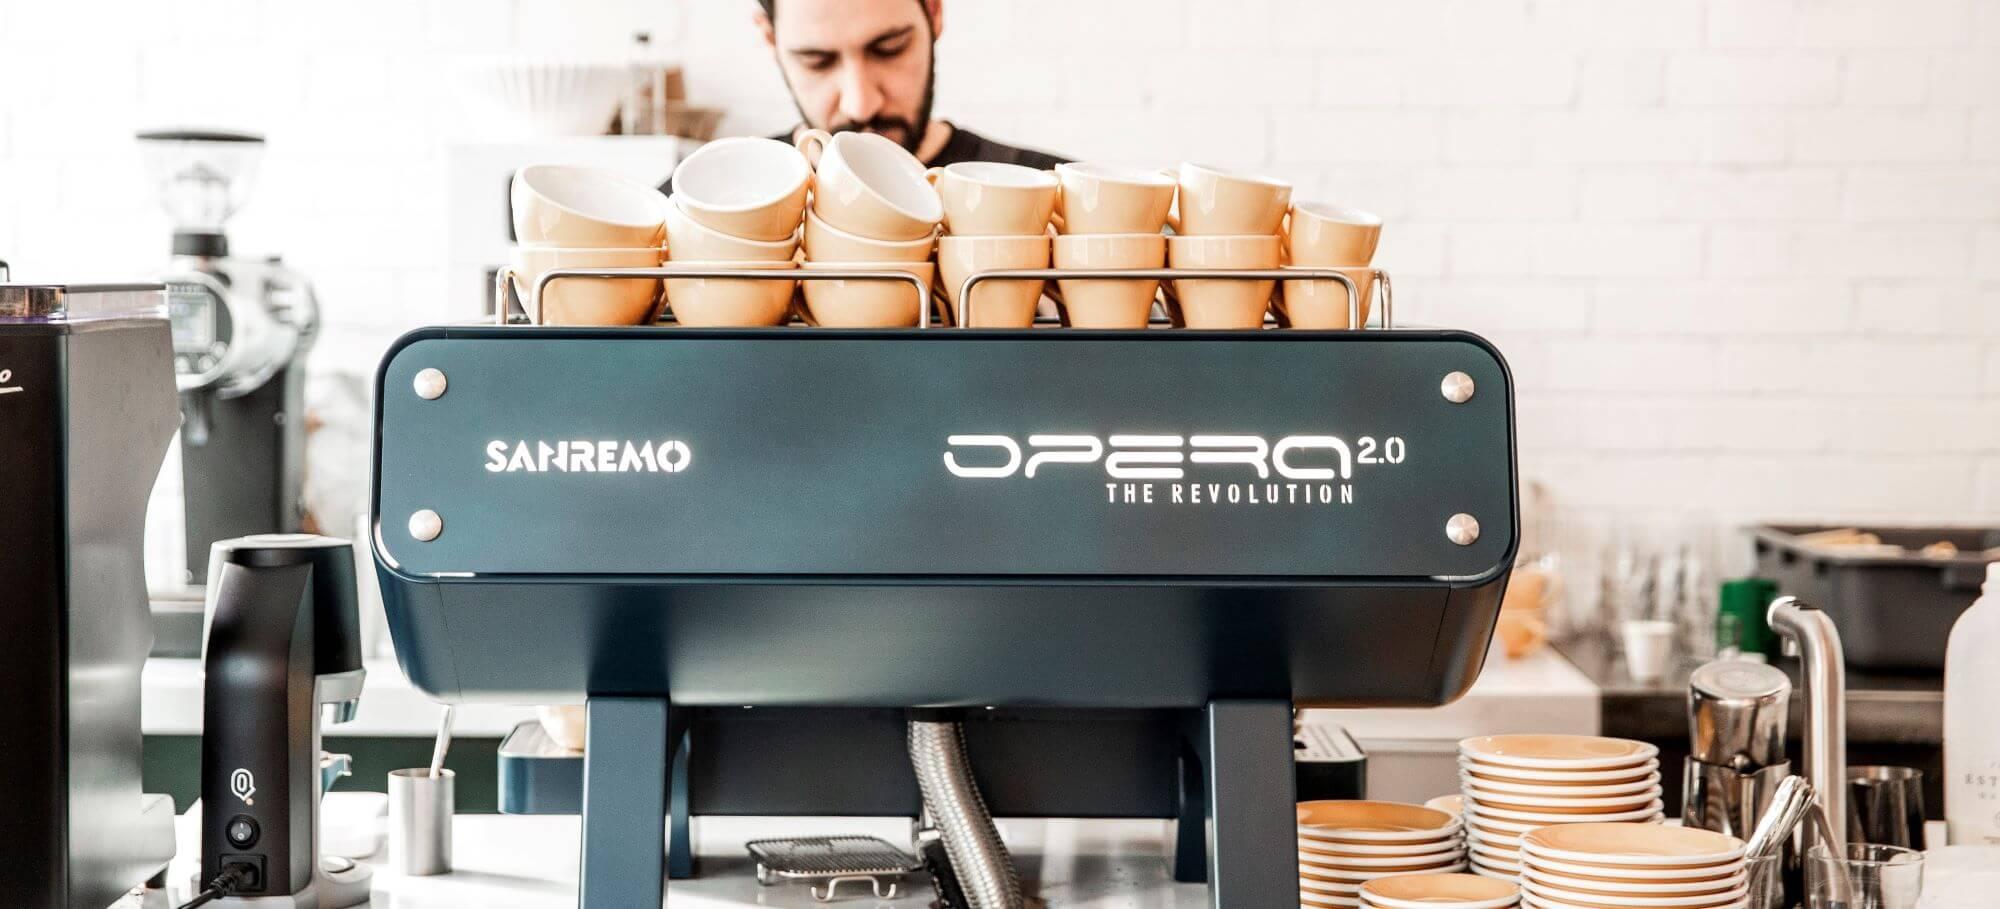 San Remo Espresso Machines